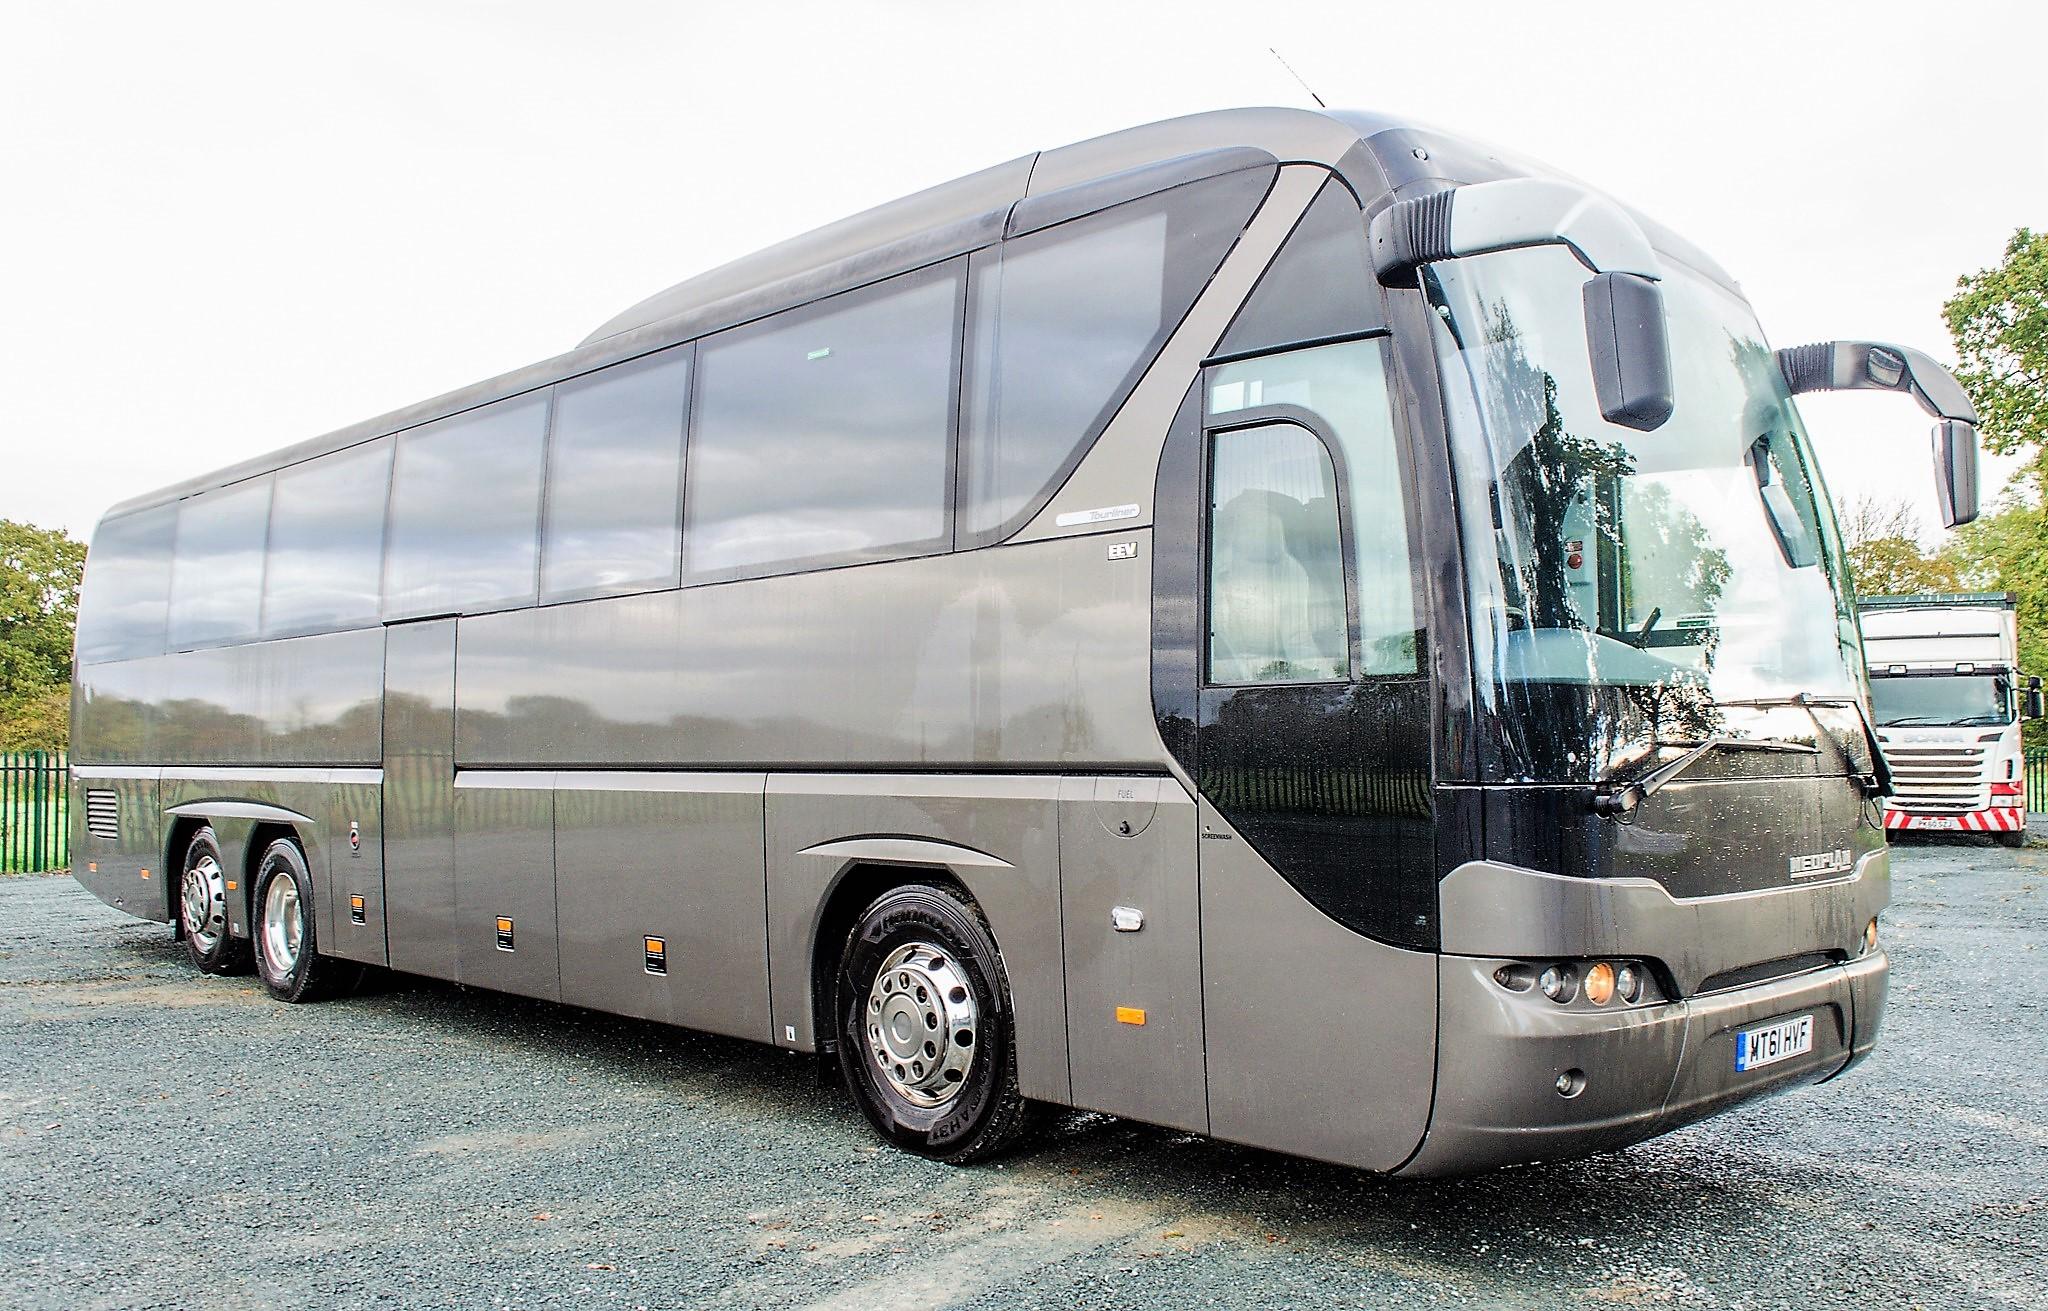 MAN Neoplan Tourliner 53 seat luxury coach Registration Number: MT61 HVF Date of Registration: 01/ - Image 2 of 21